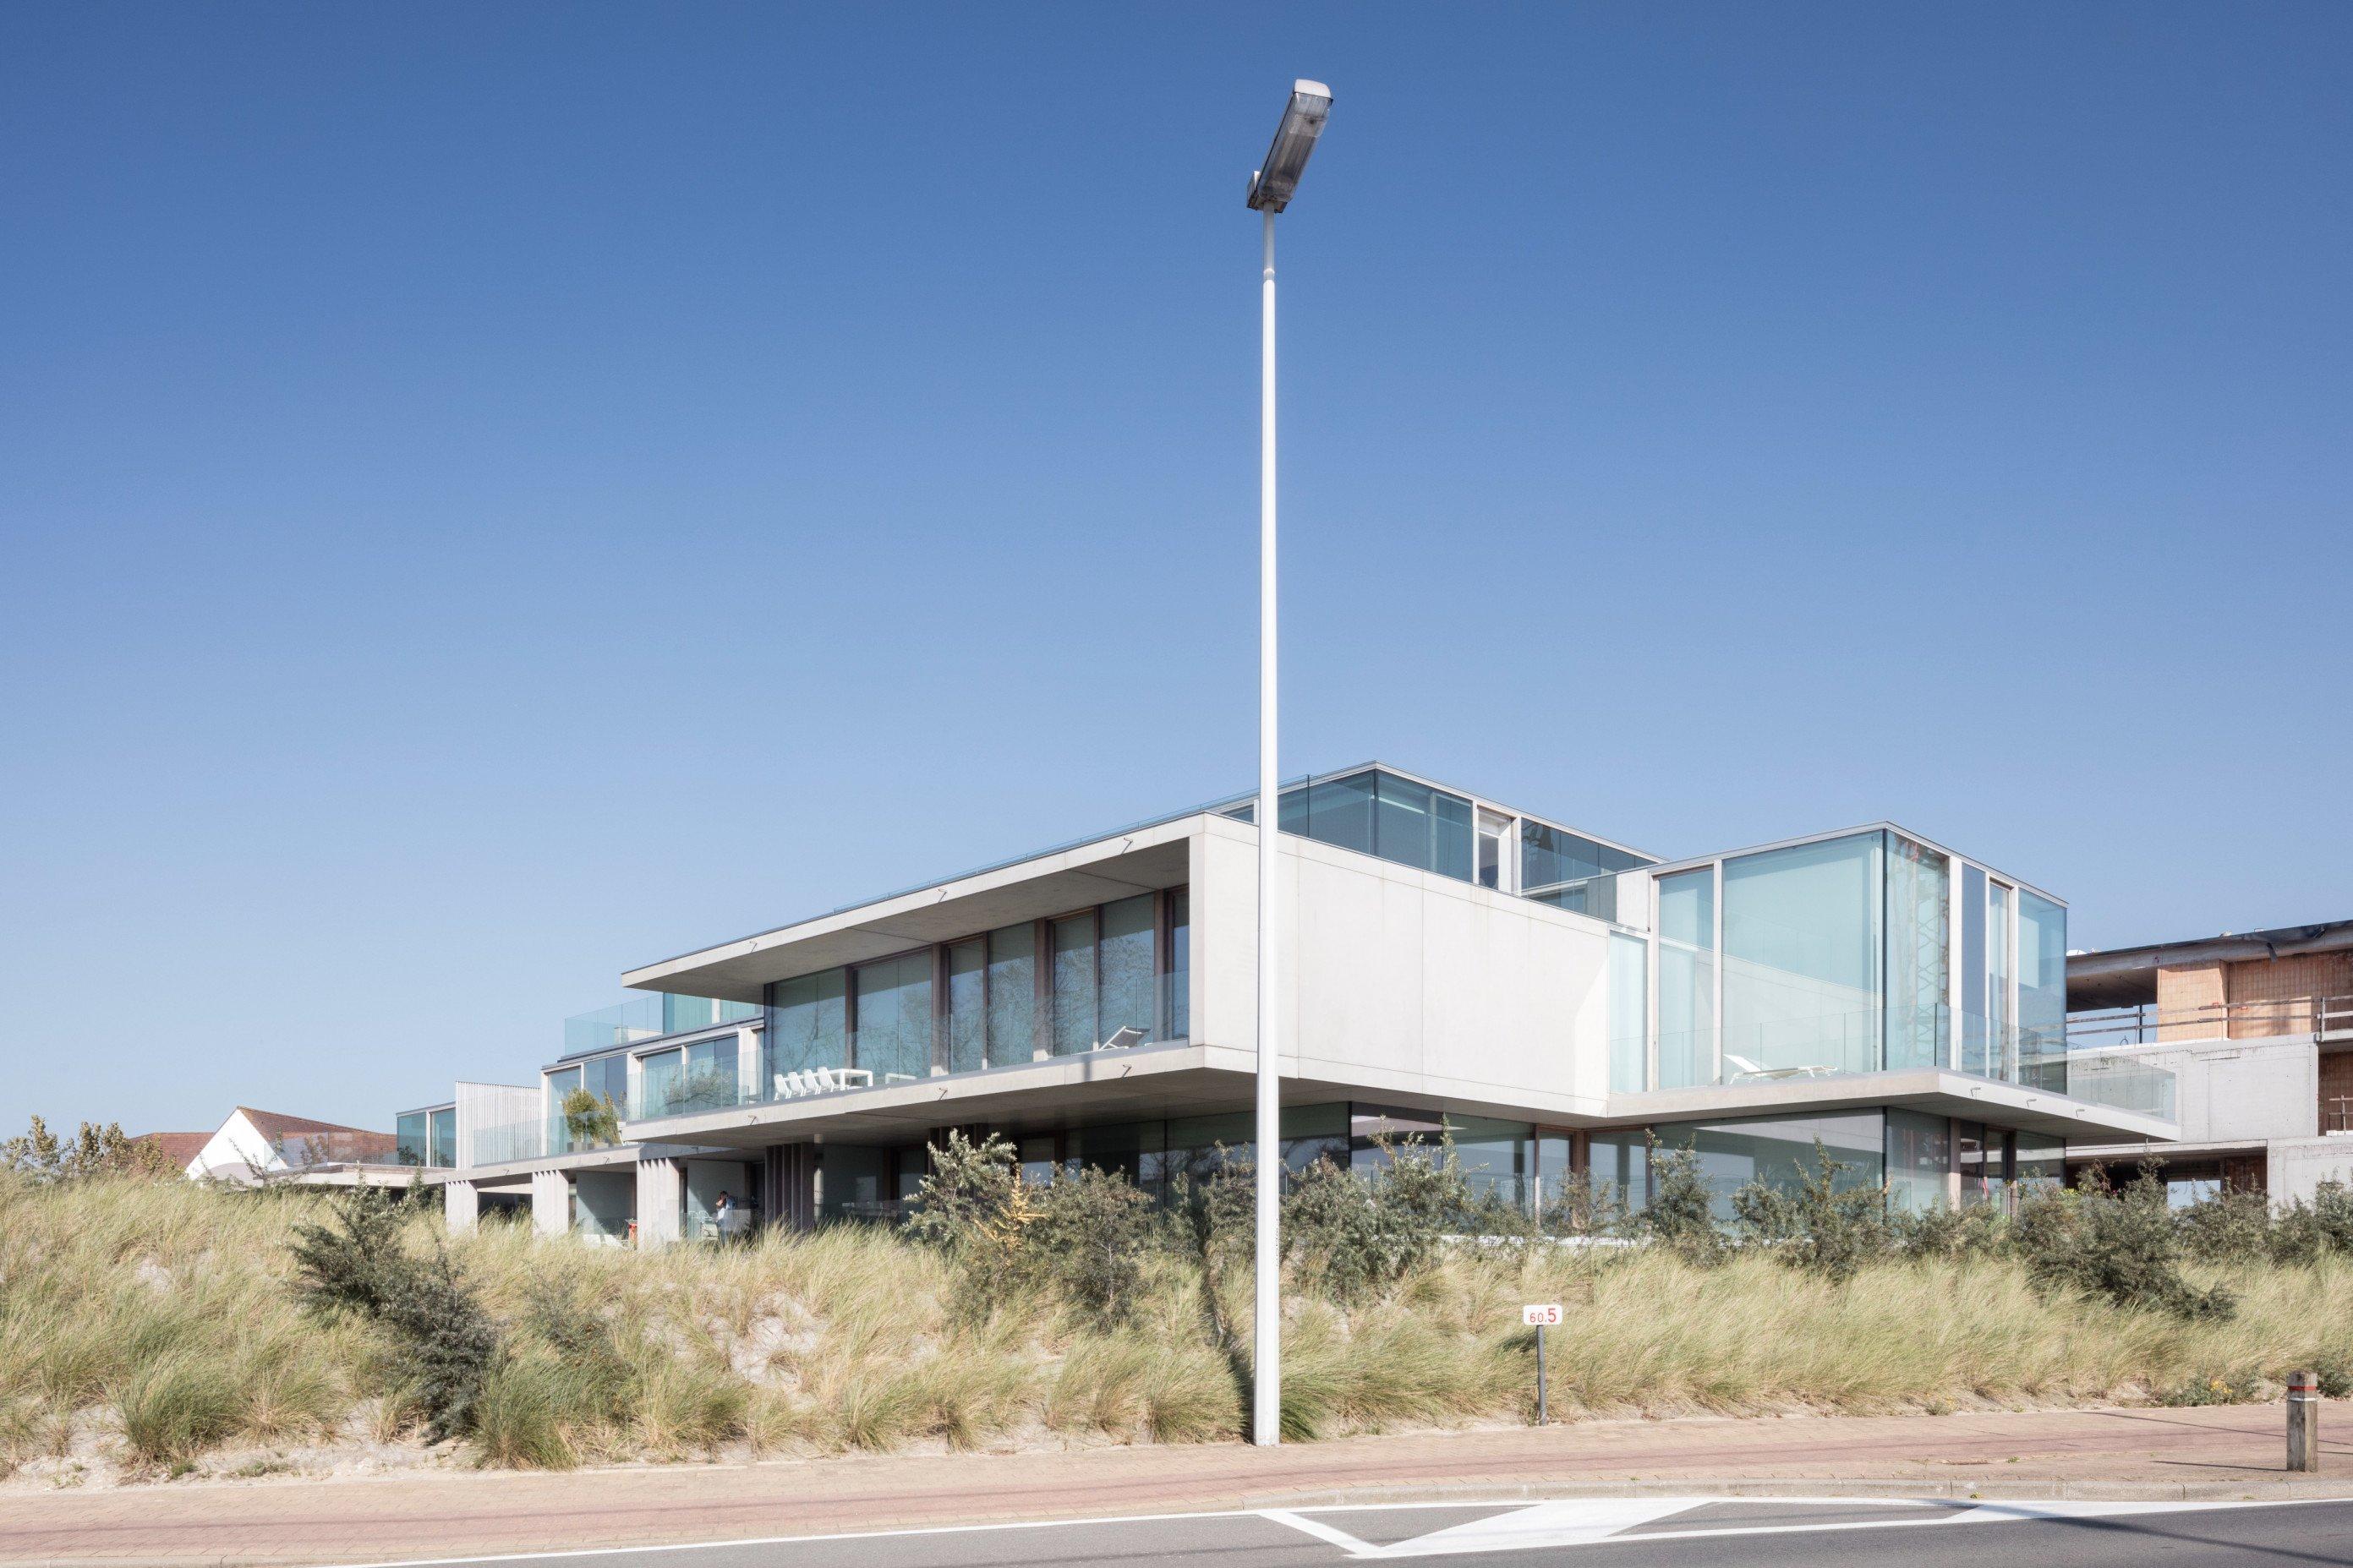 Rietveldprojects-Corbu-Koksijde-Fototimvandevelde12.jpg